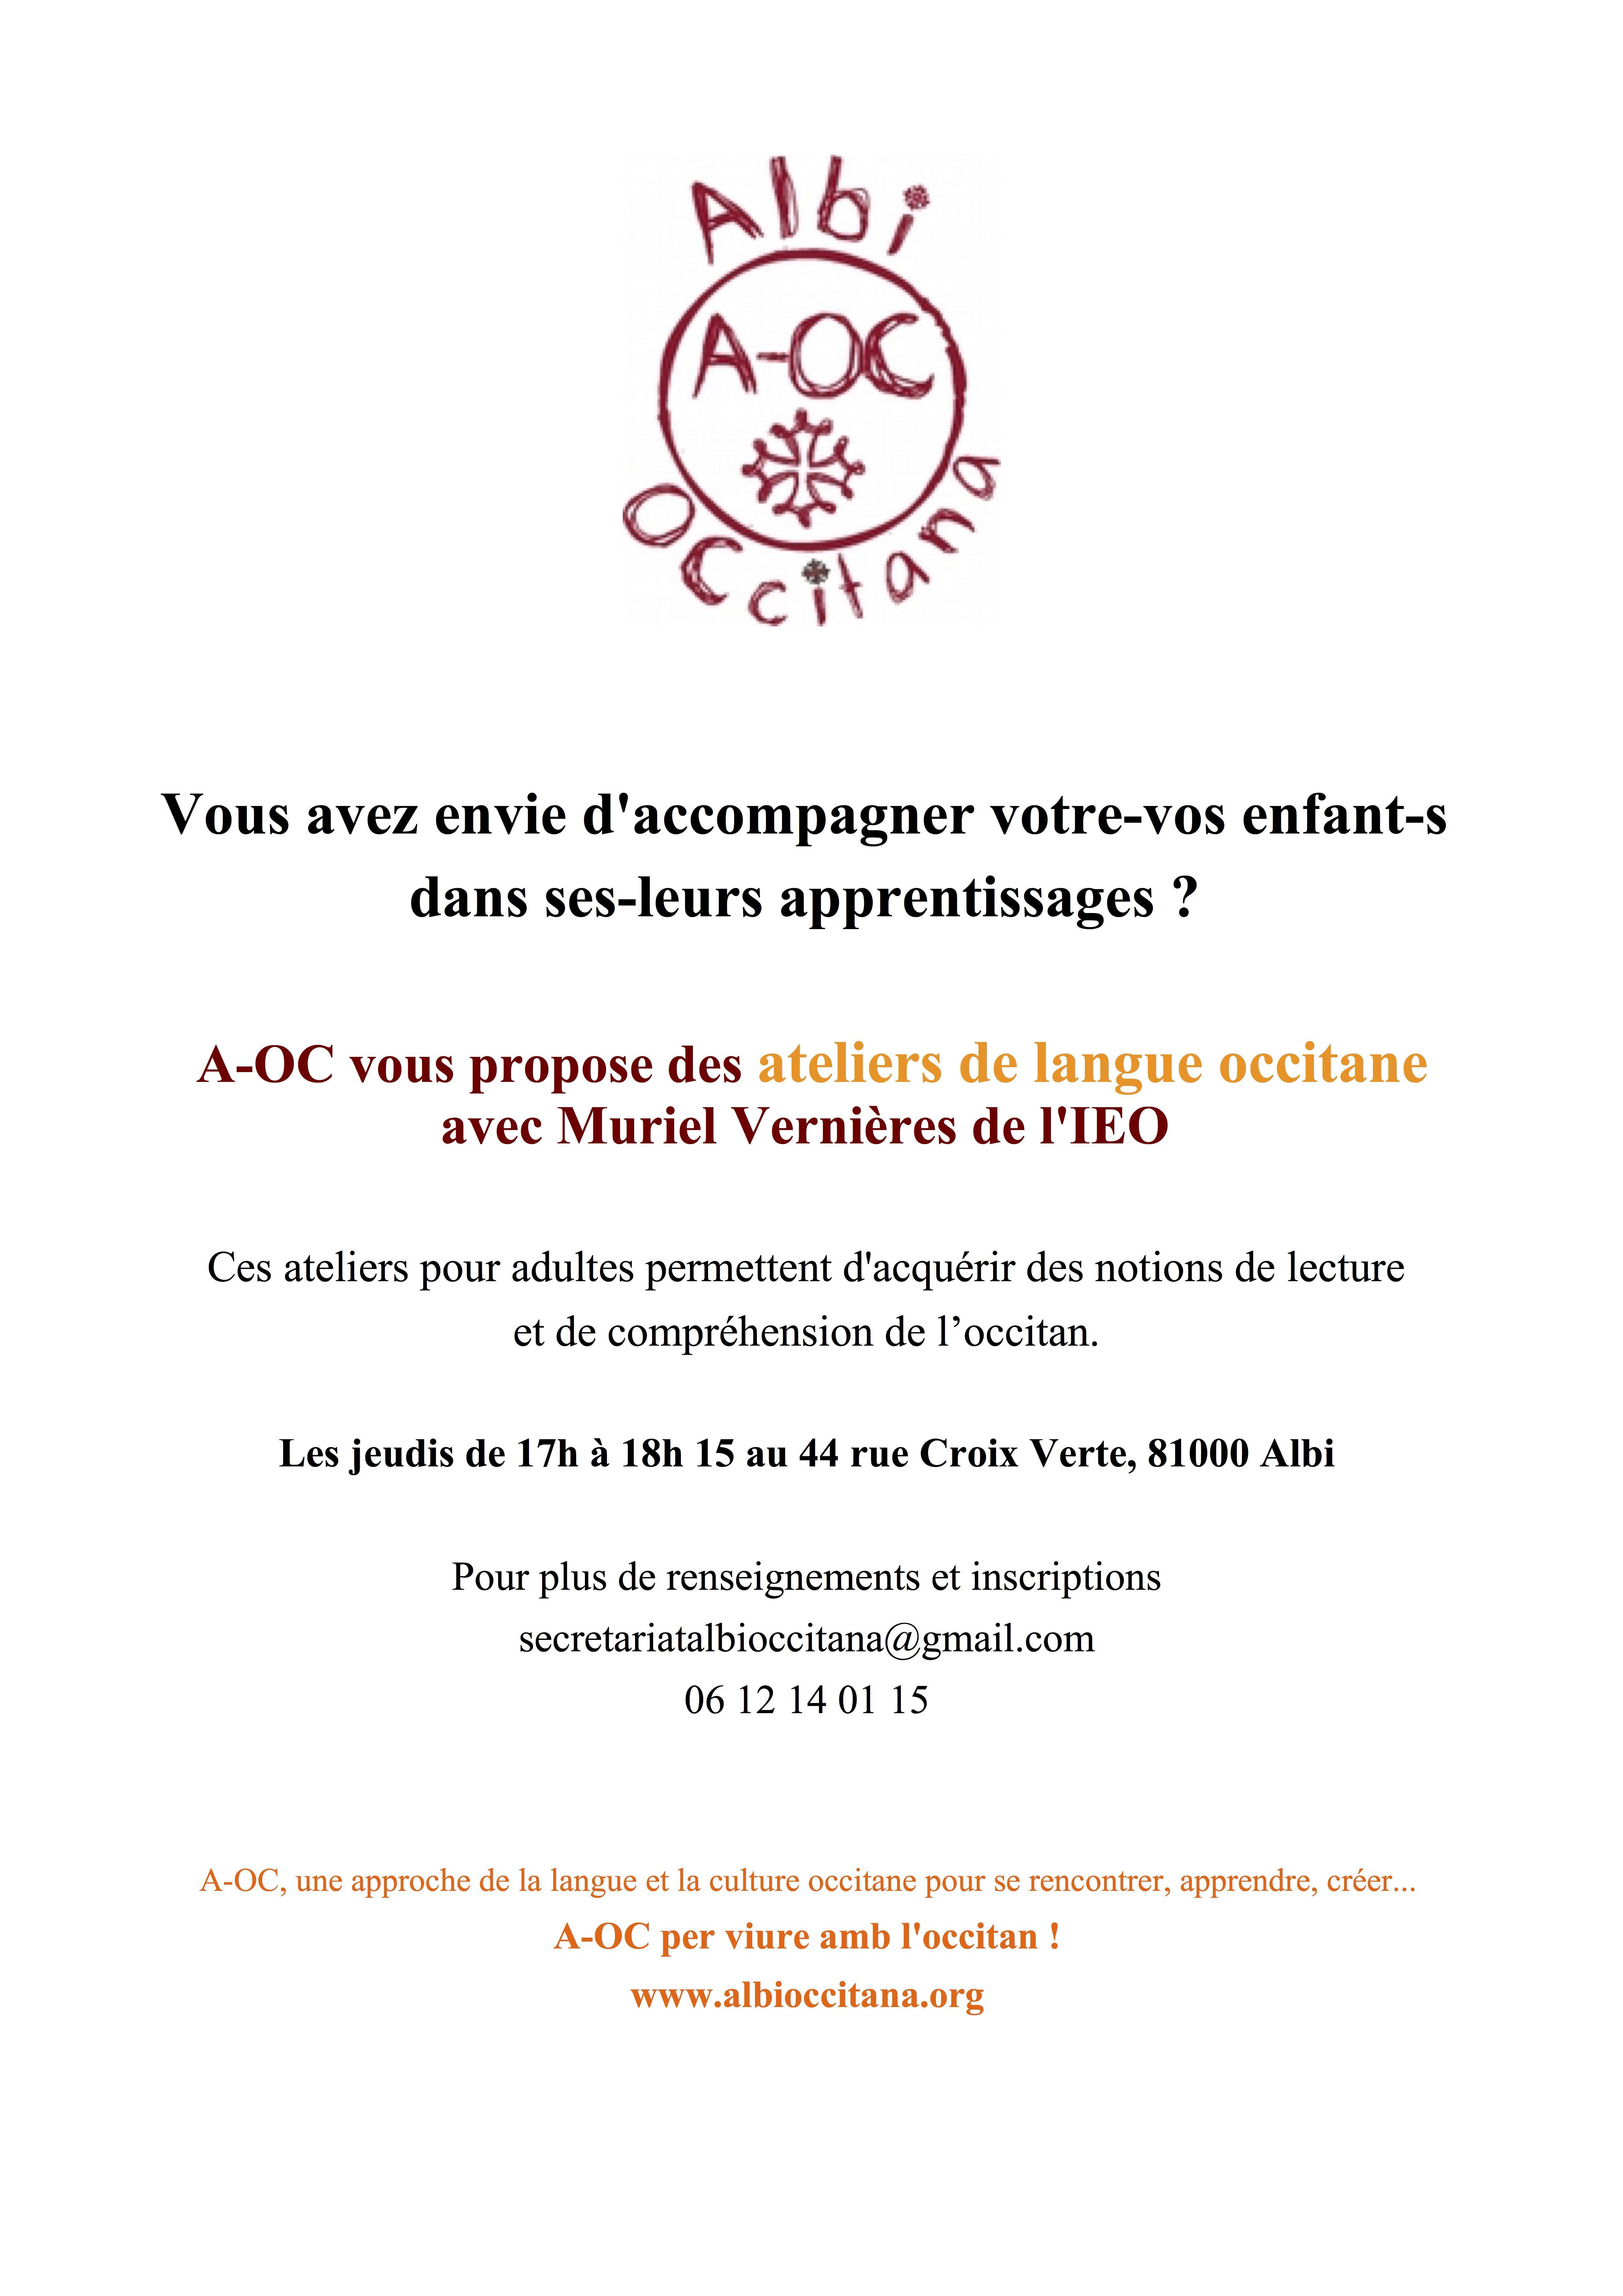 Ateliers de langue occitane pour adultes 2019-20